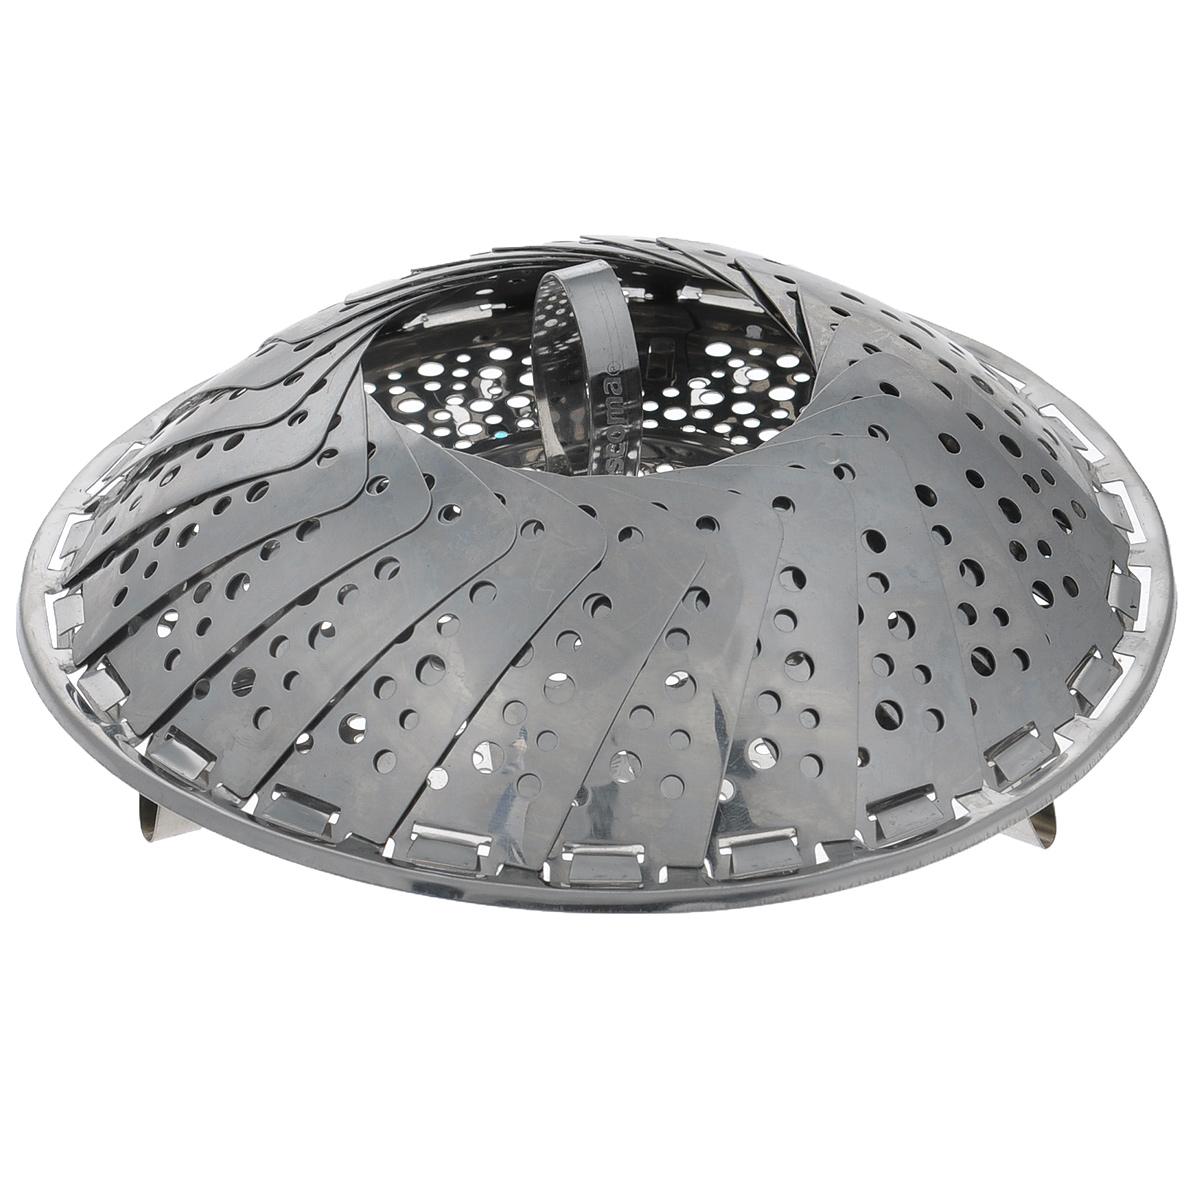 Пароварка Tescoma Presto, 18-28 см644808Пароварка Tescoma Presto предназначена для приготовления пищи на пару. Изделие выполненоиз высококачественной нержавеющей стали. Пароварка устанавливается сверху на посуду.Подходит для посуды с различным диаметром. Складная, в сложенном виде занимает минимумпространства.Можно мыть в посудомоечной машине.